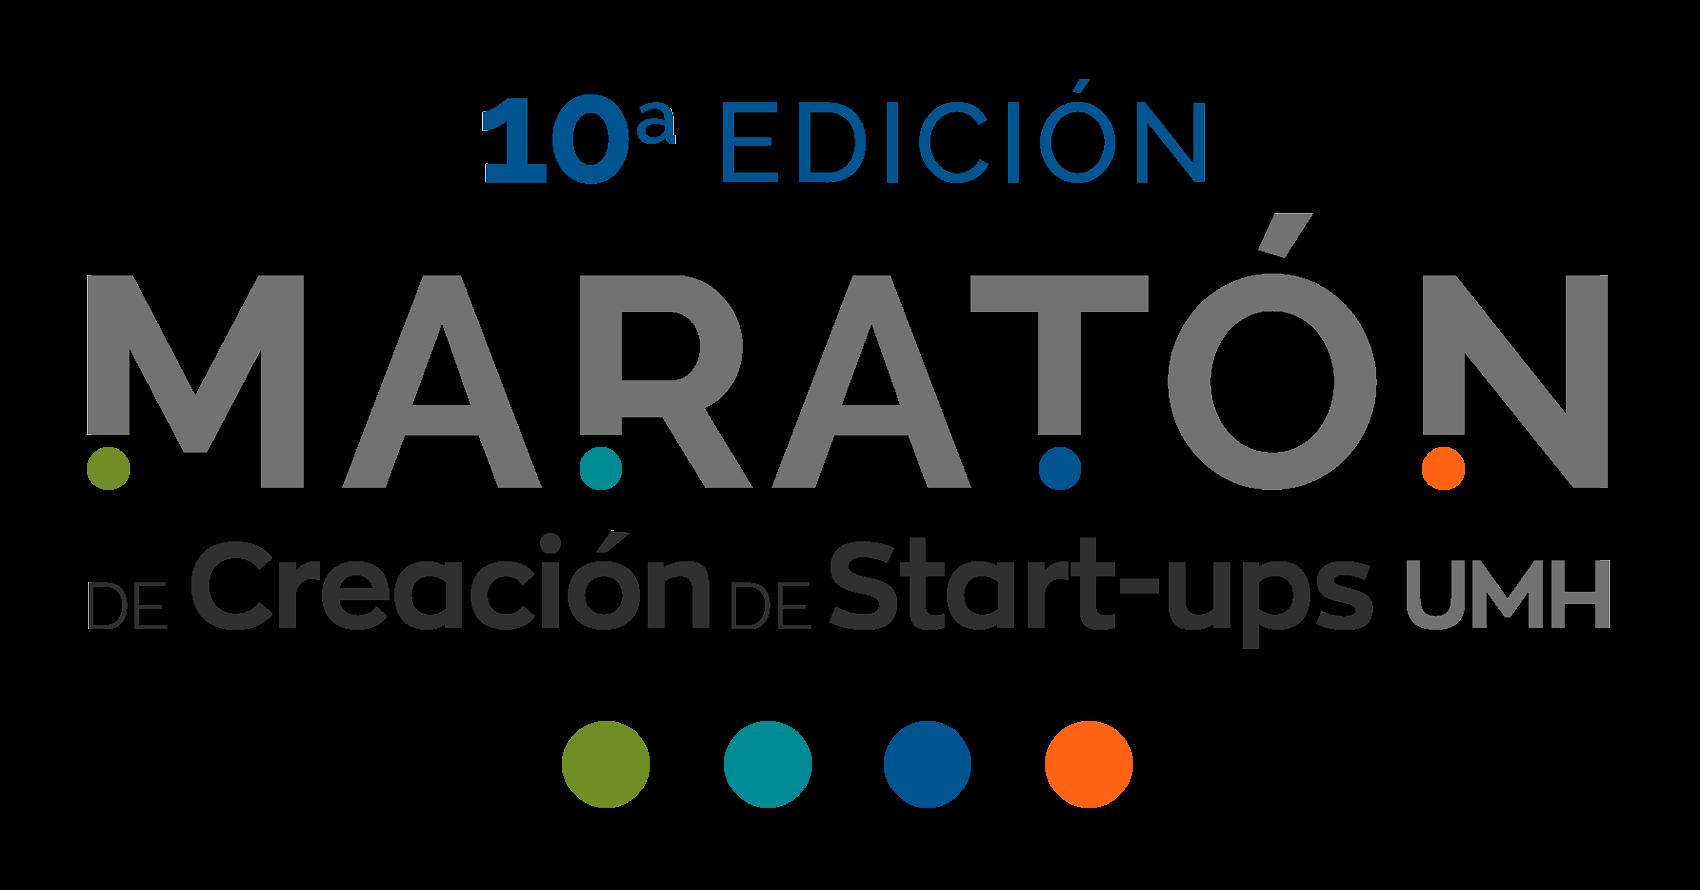 10ª Maratón de Start-ups UMH